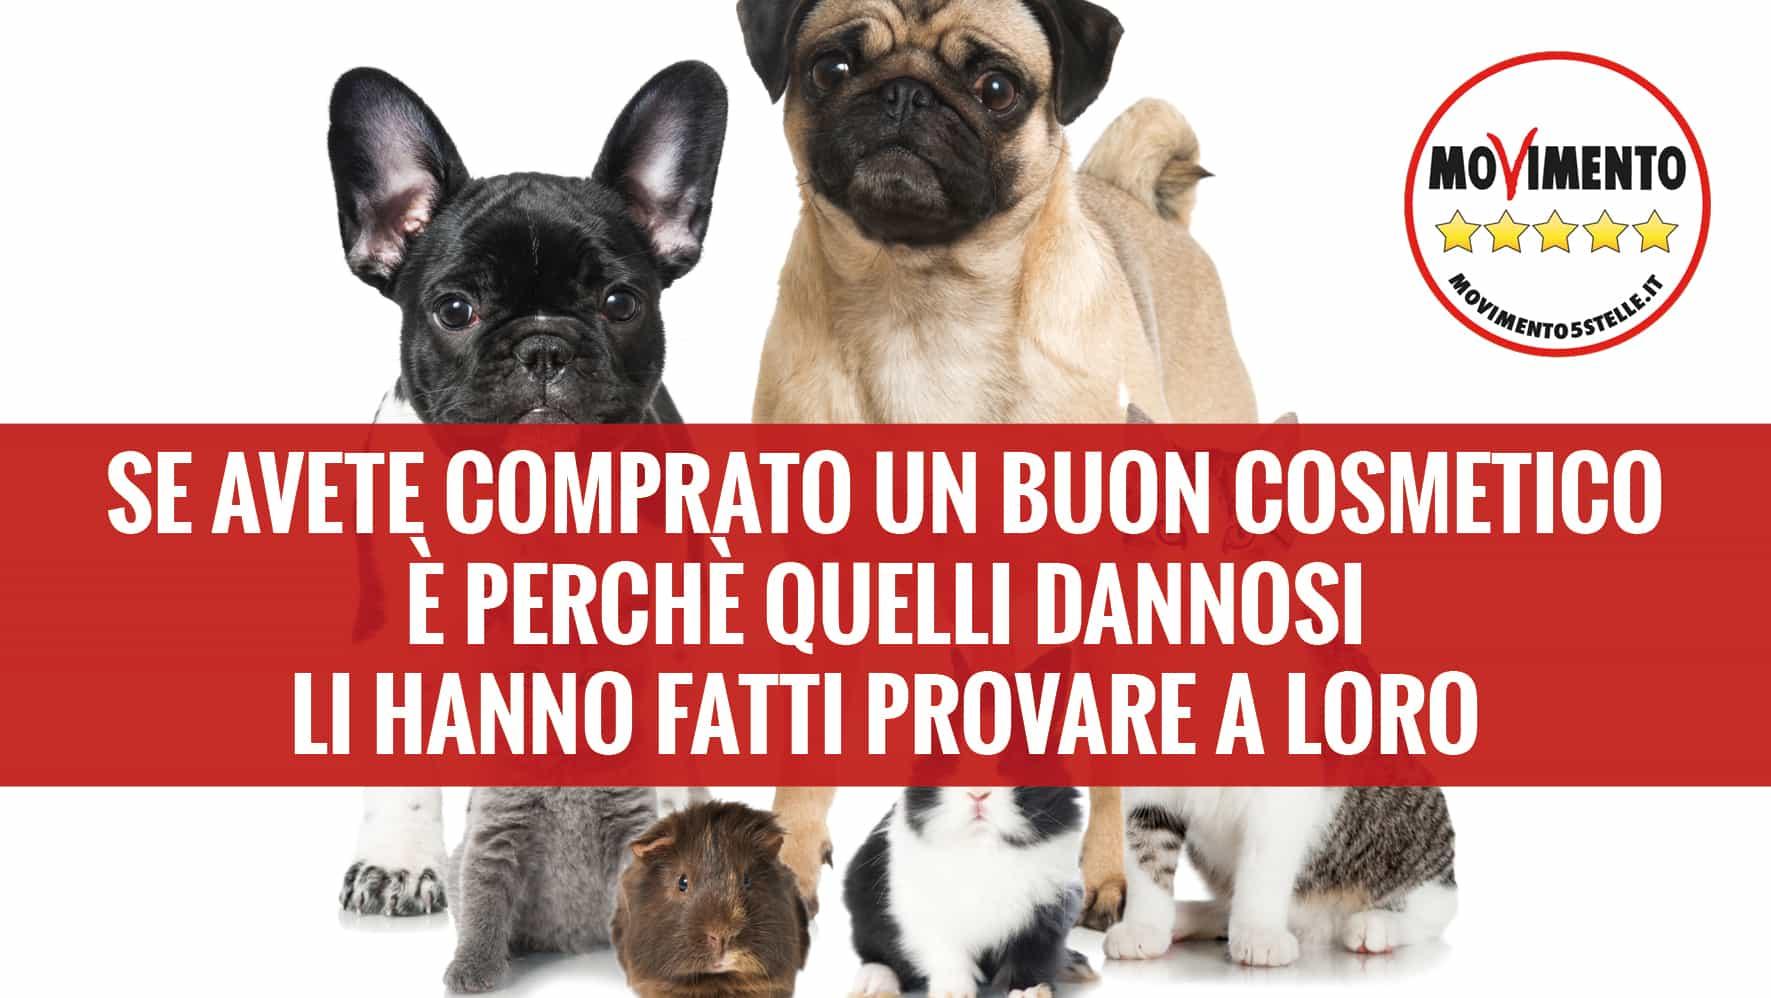 Marco Zullo M5S Europa tutela animali cosmetici